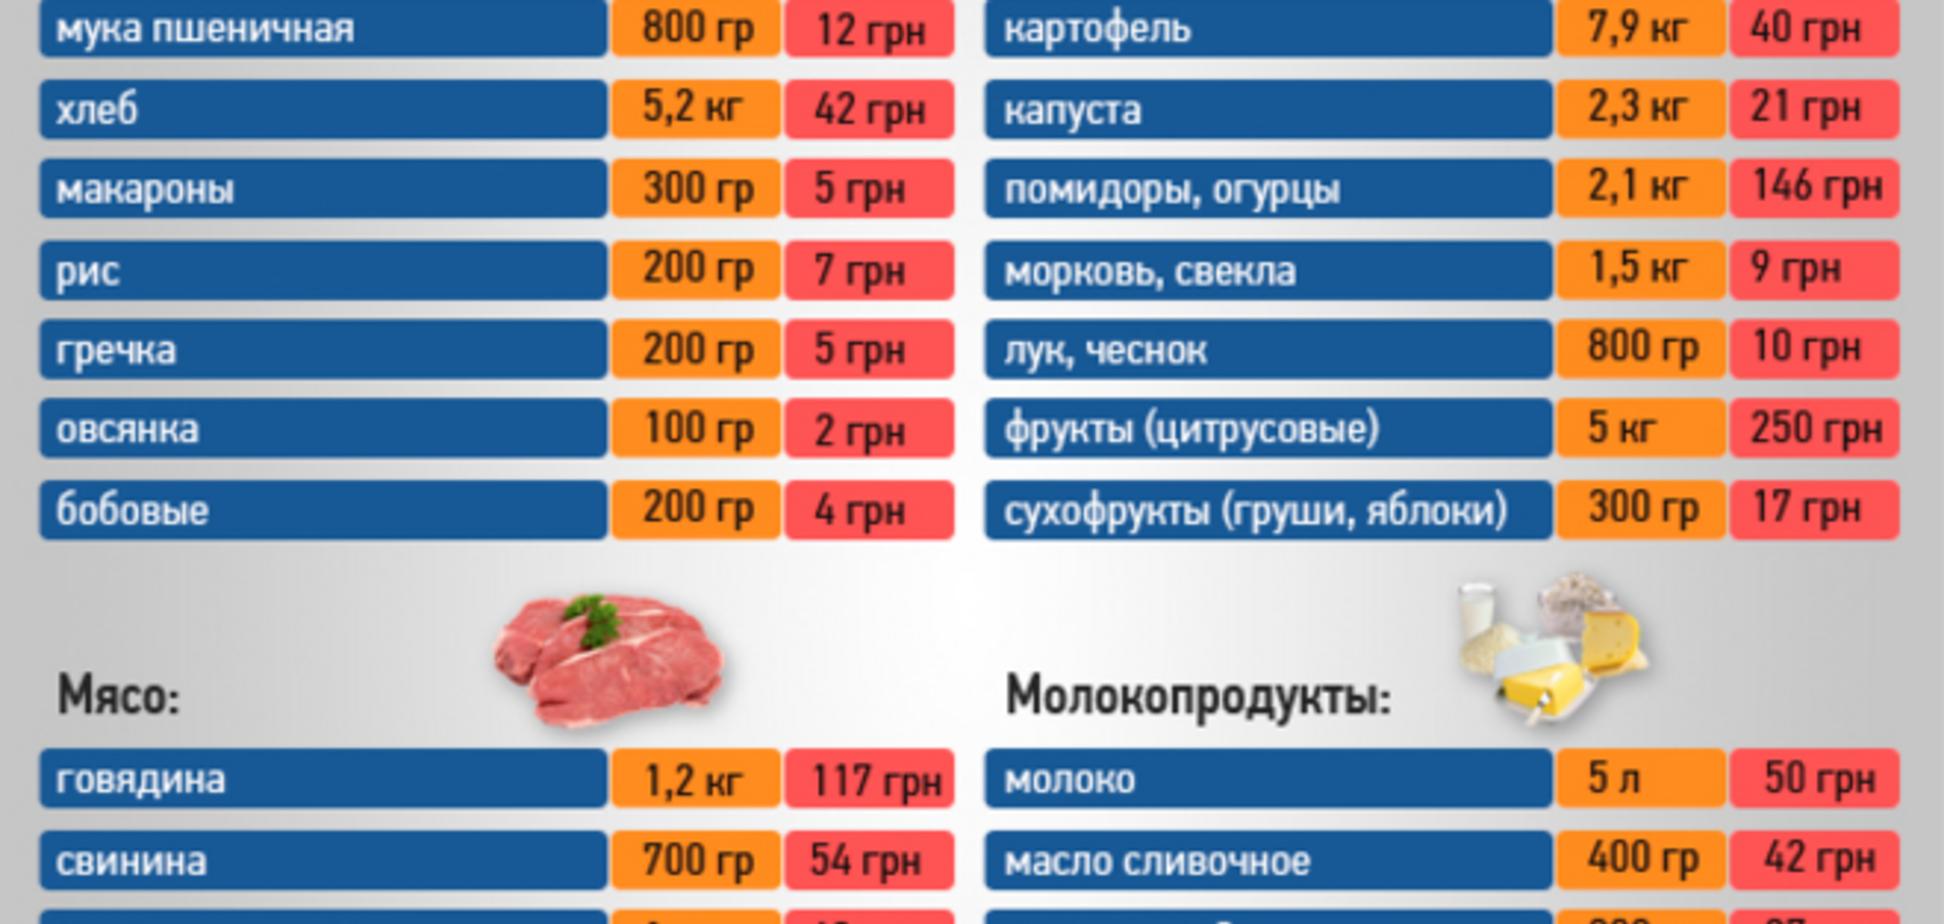 Что доступно украинцам из потребительской корзины: инфографика